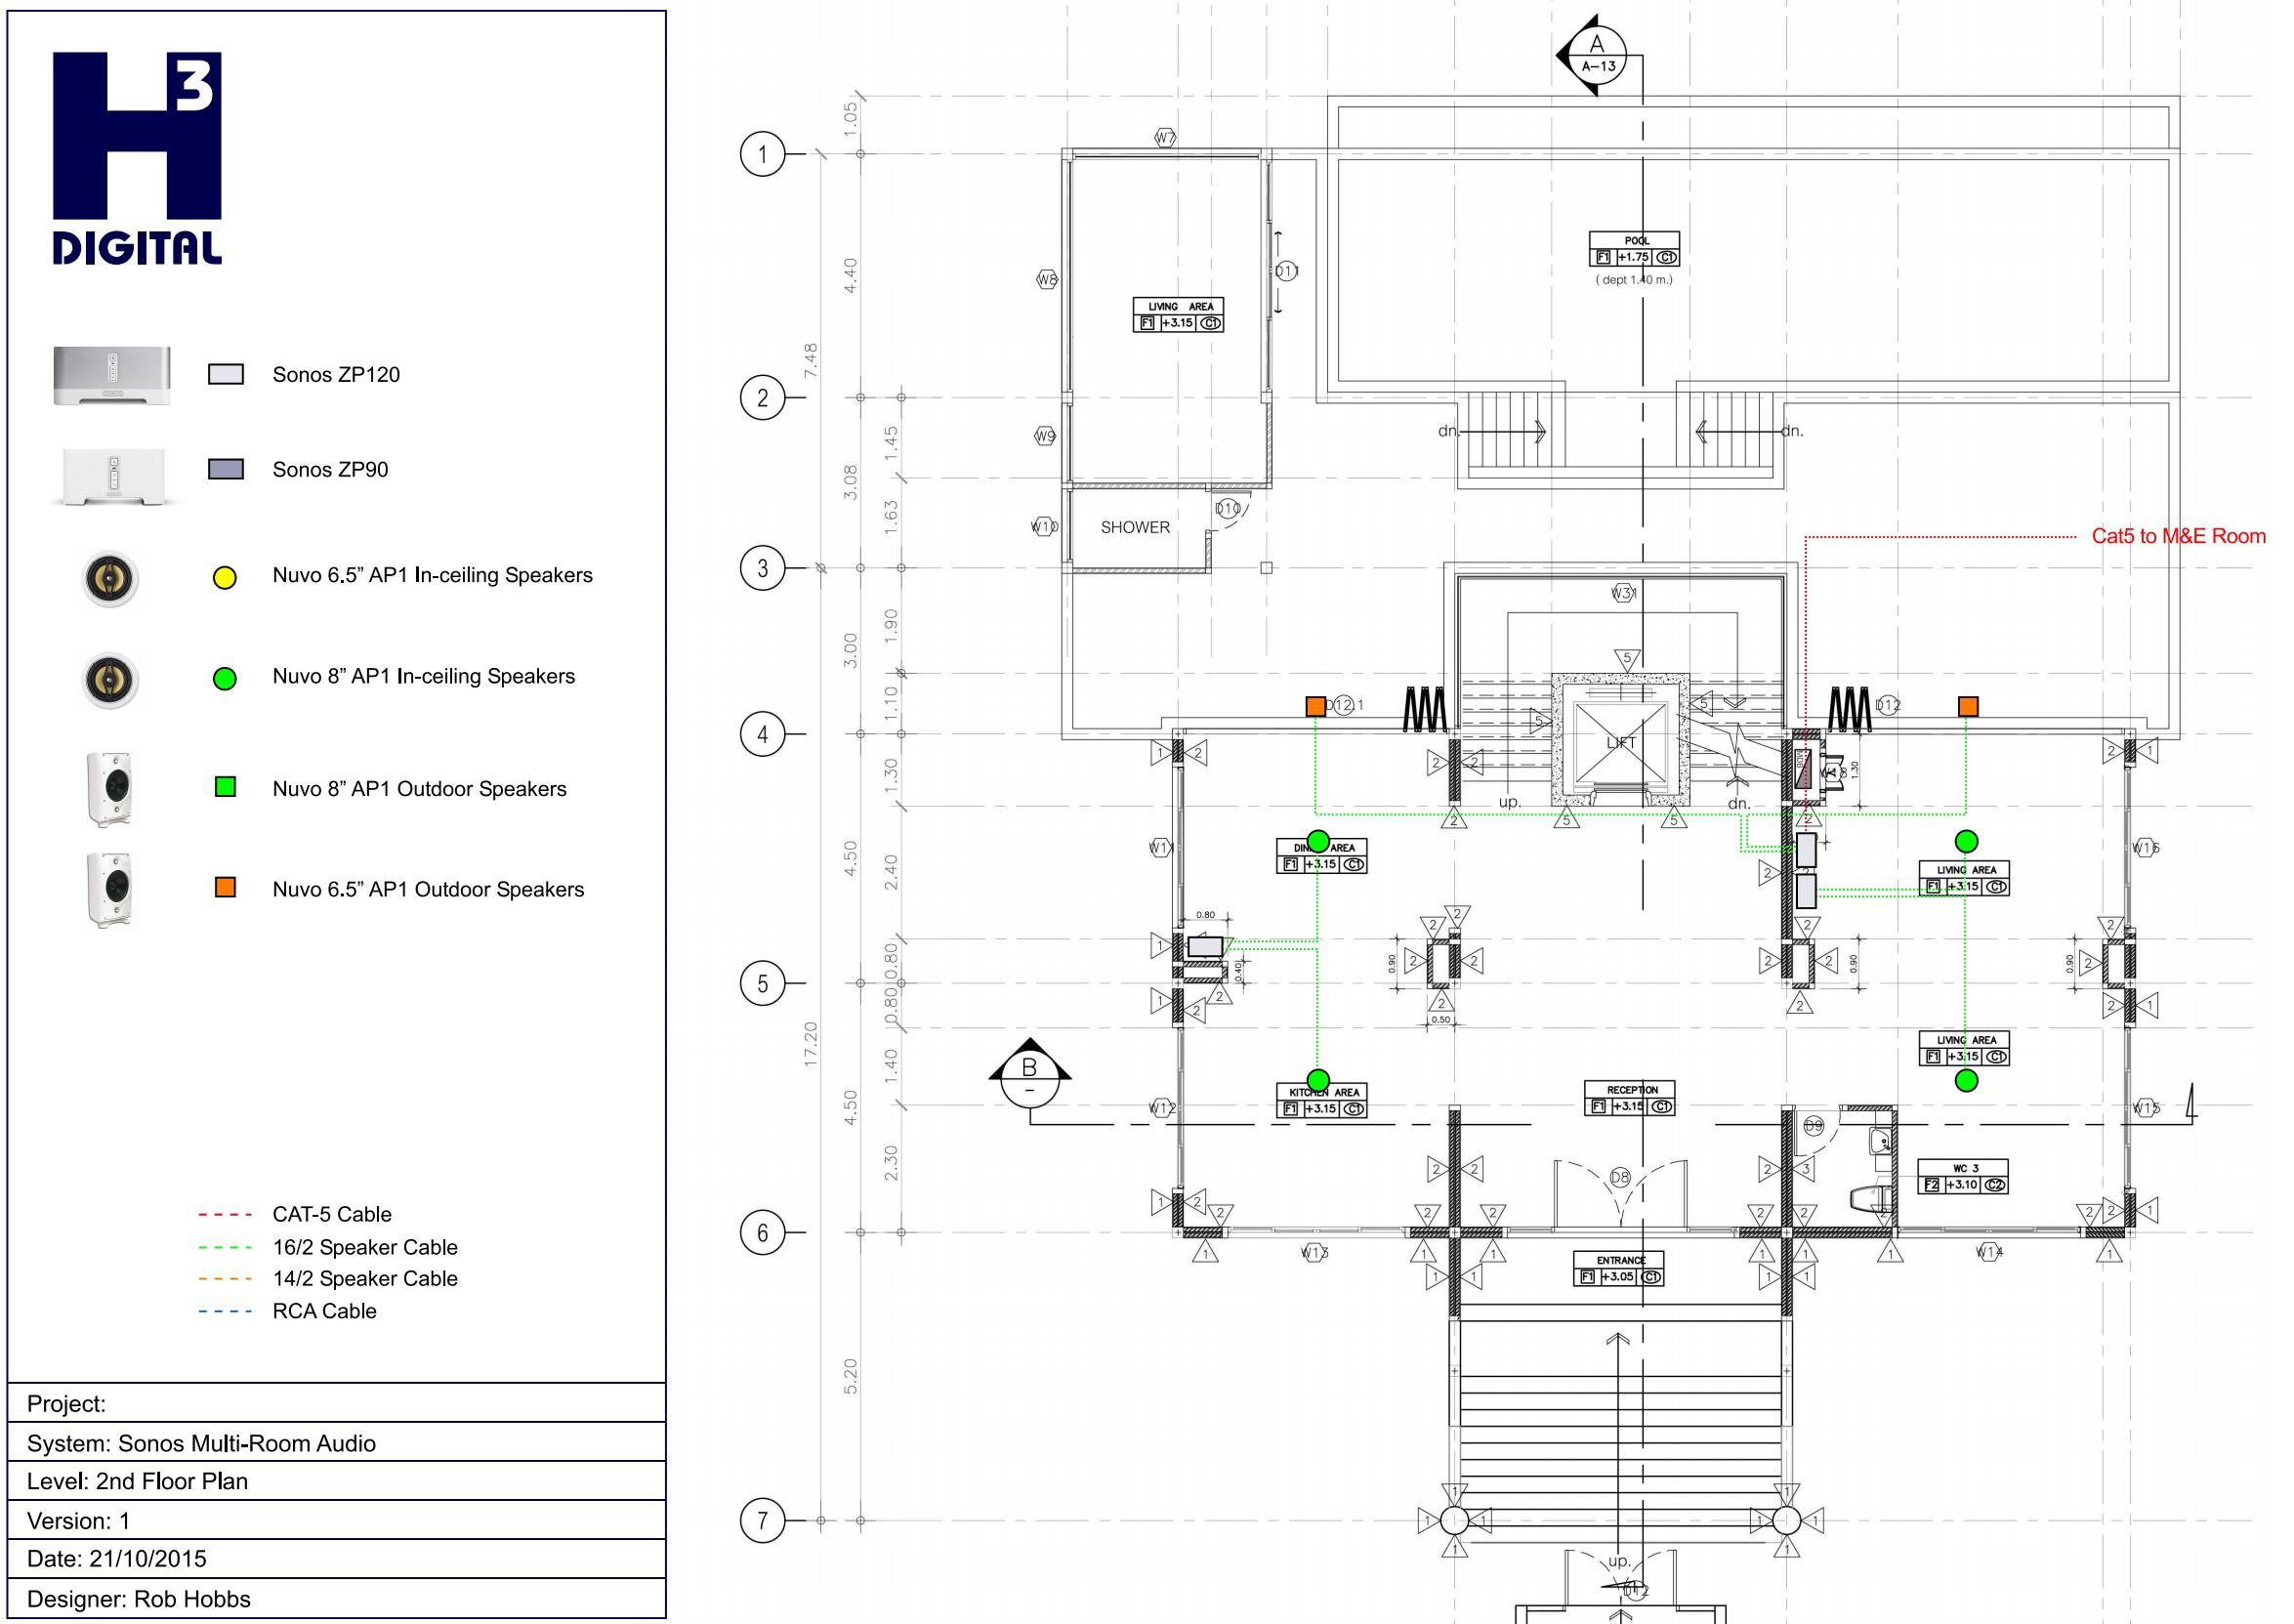 Example 2 - Sonos Conceptual Plan